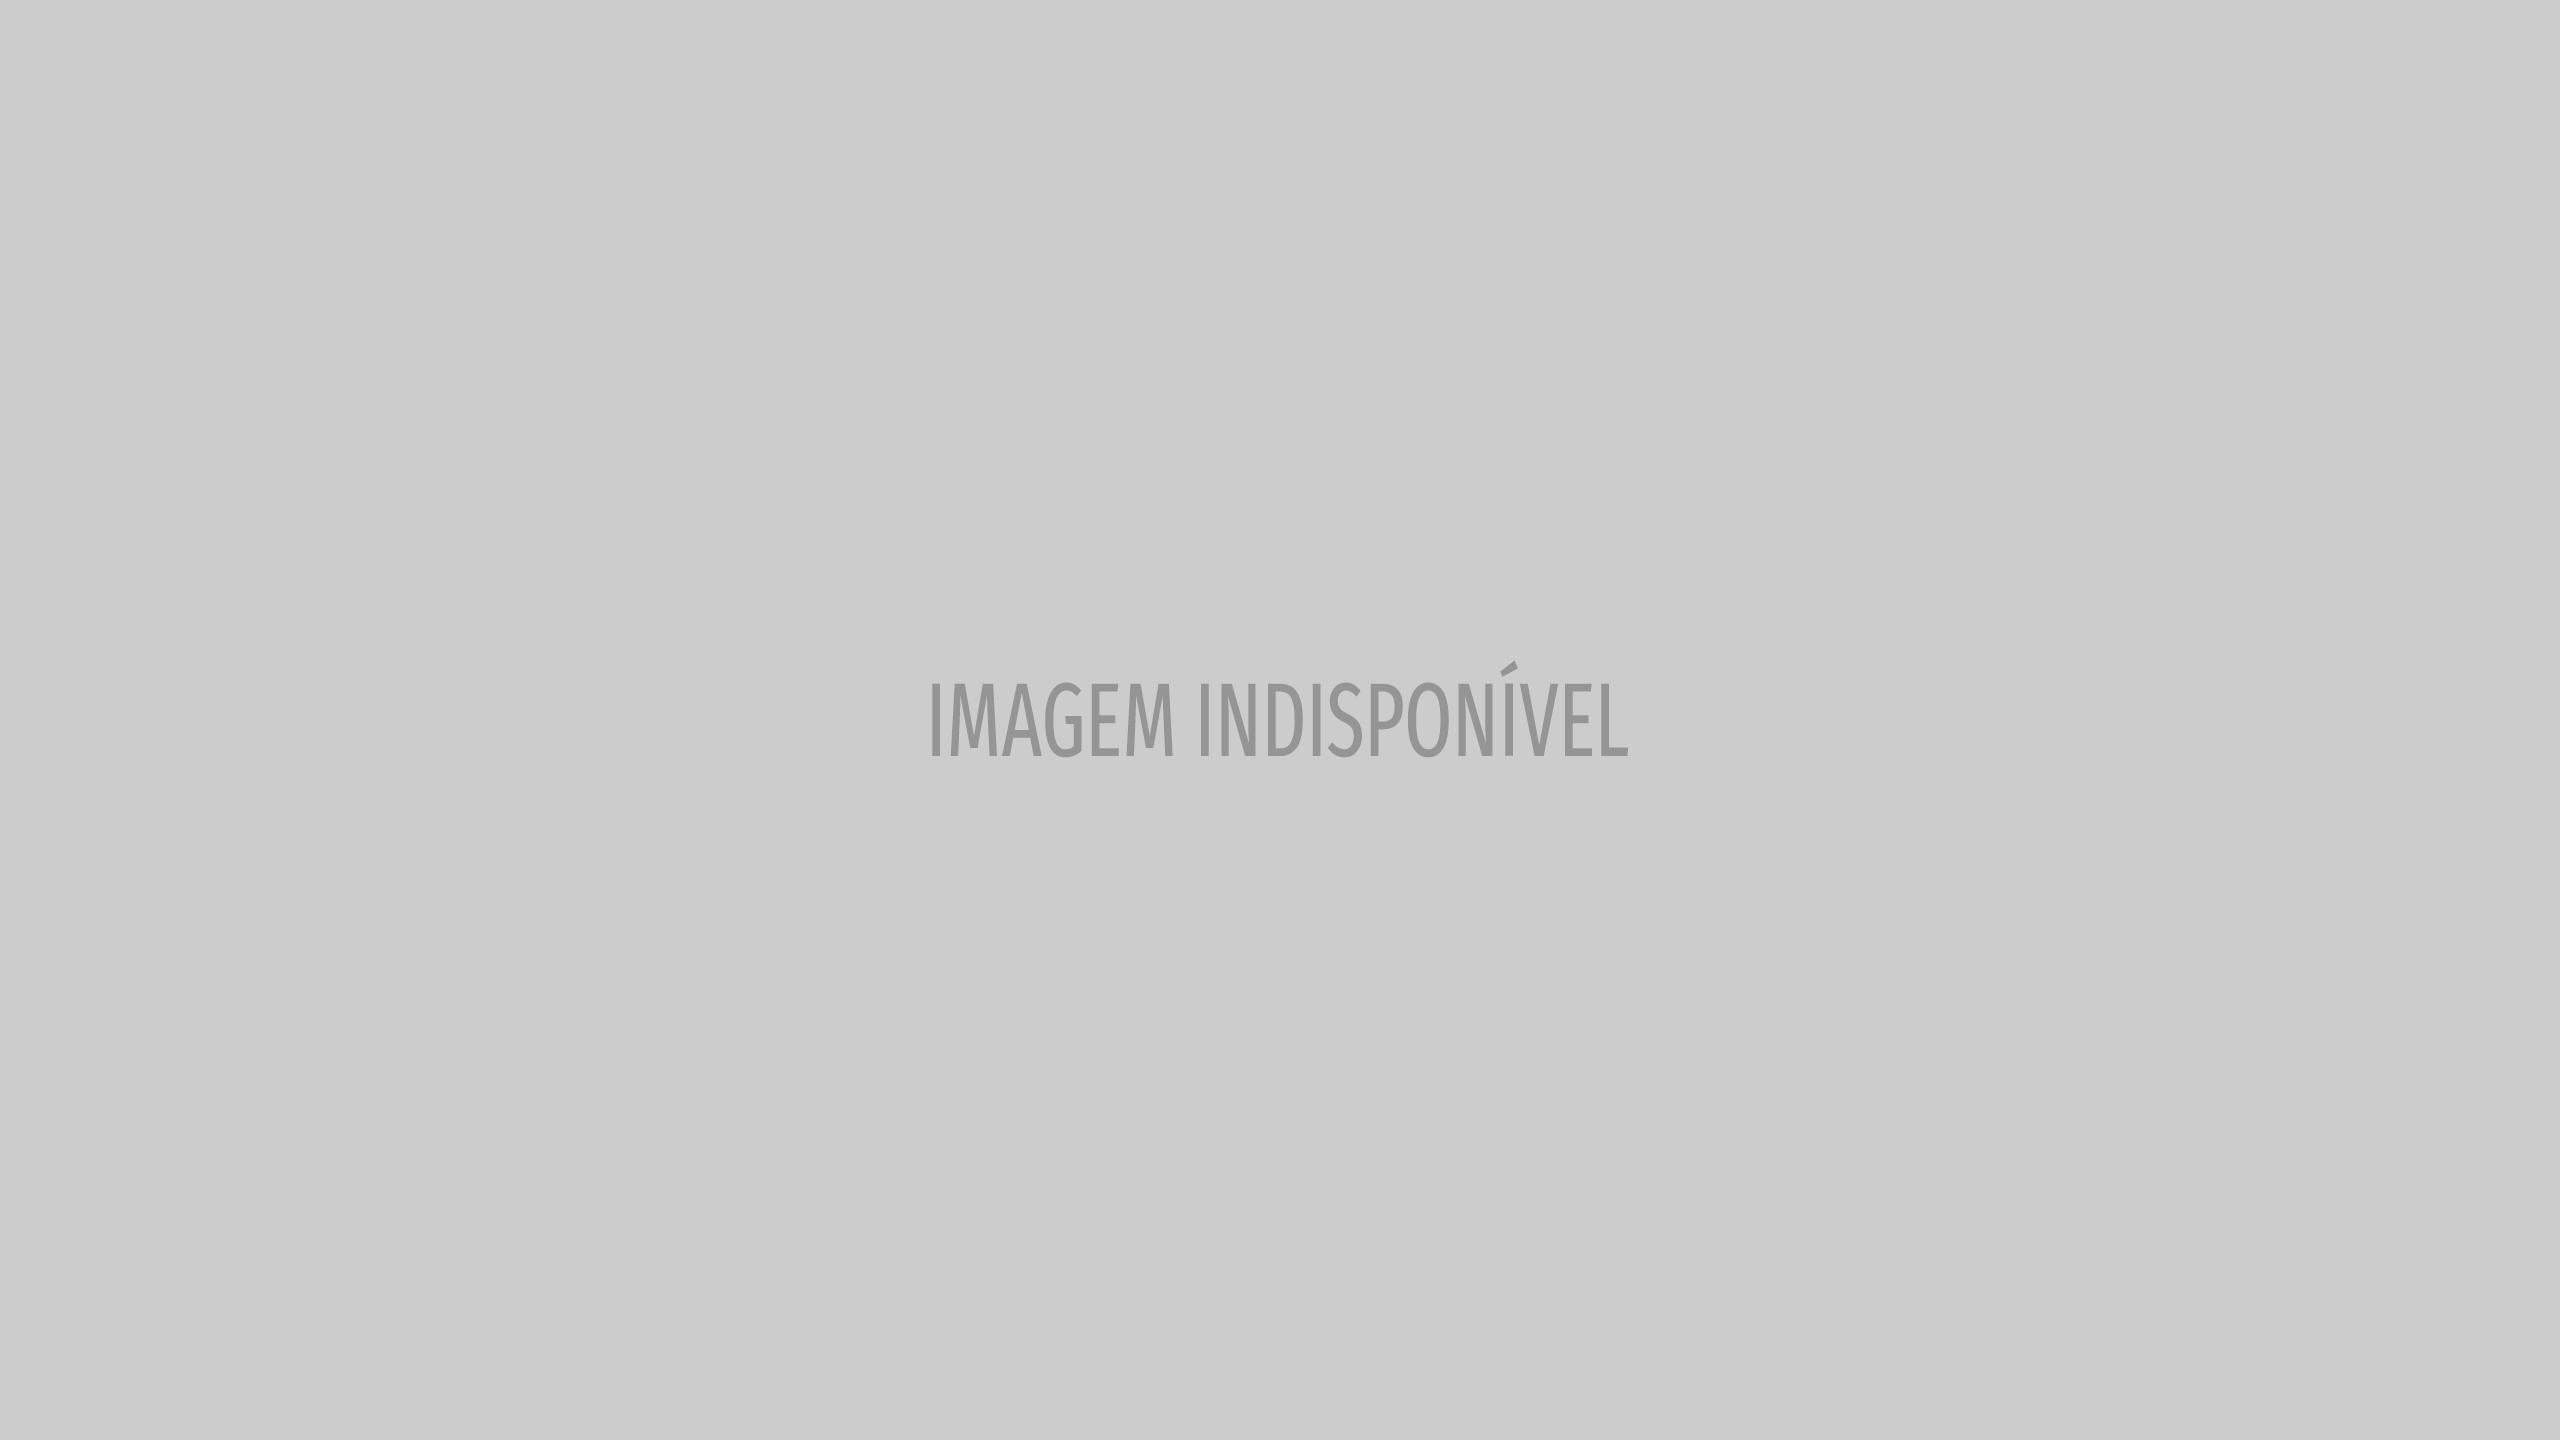 """Isabel Figueira recorda cena de agressão: """"Juntas somos mais fortes"""""""